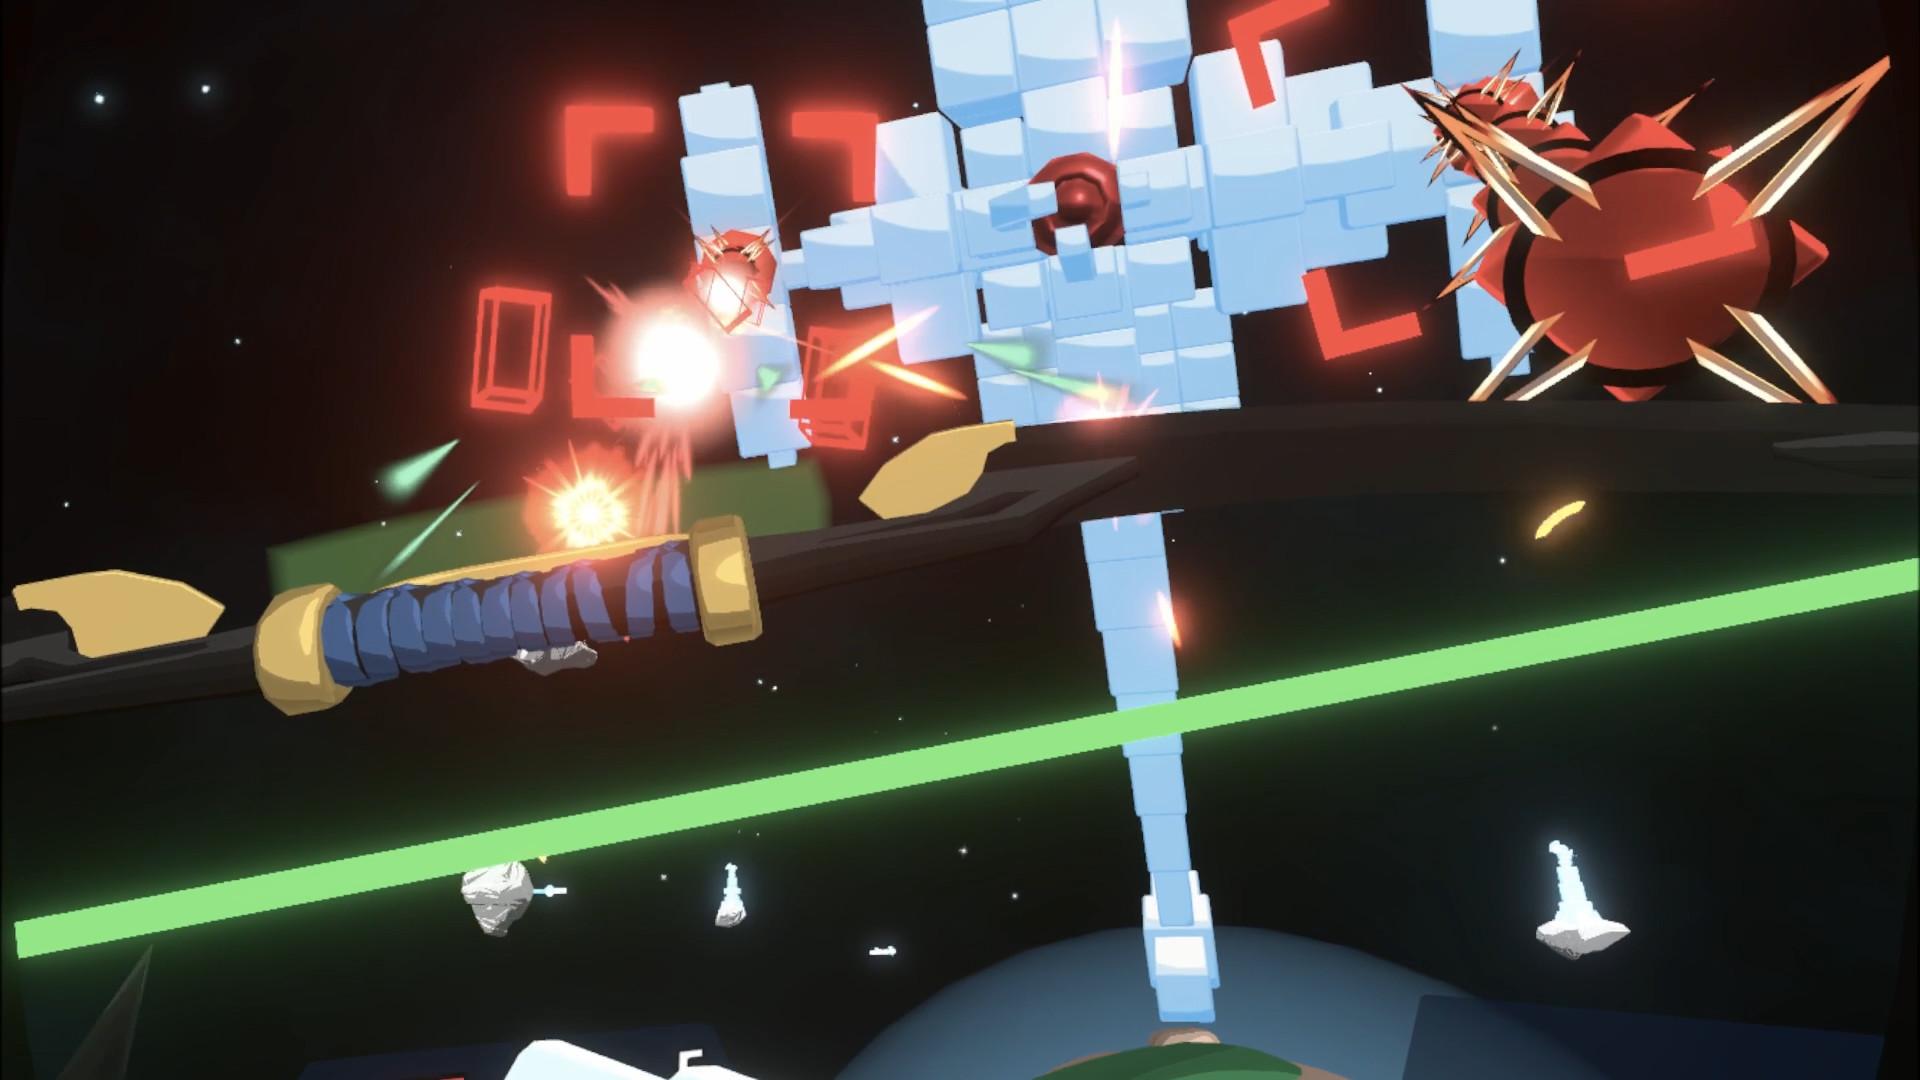 Oculus Quest 游戏《Shinobi Breaker》忍者破碎机插图(3)